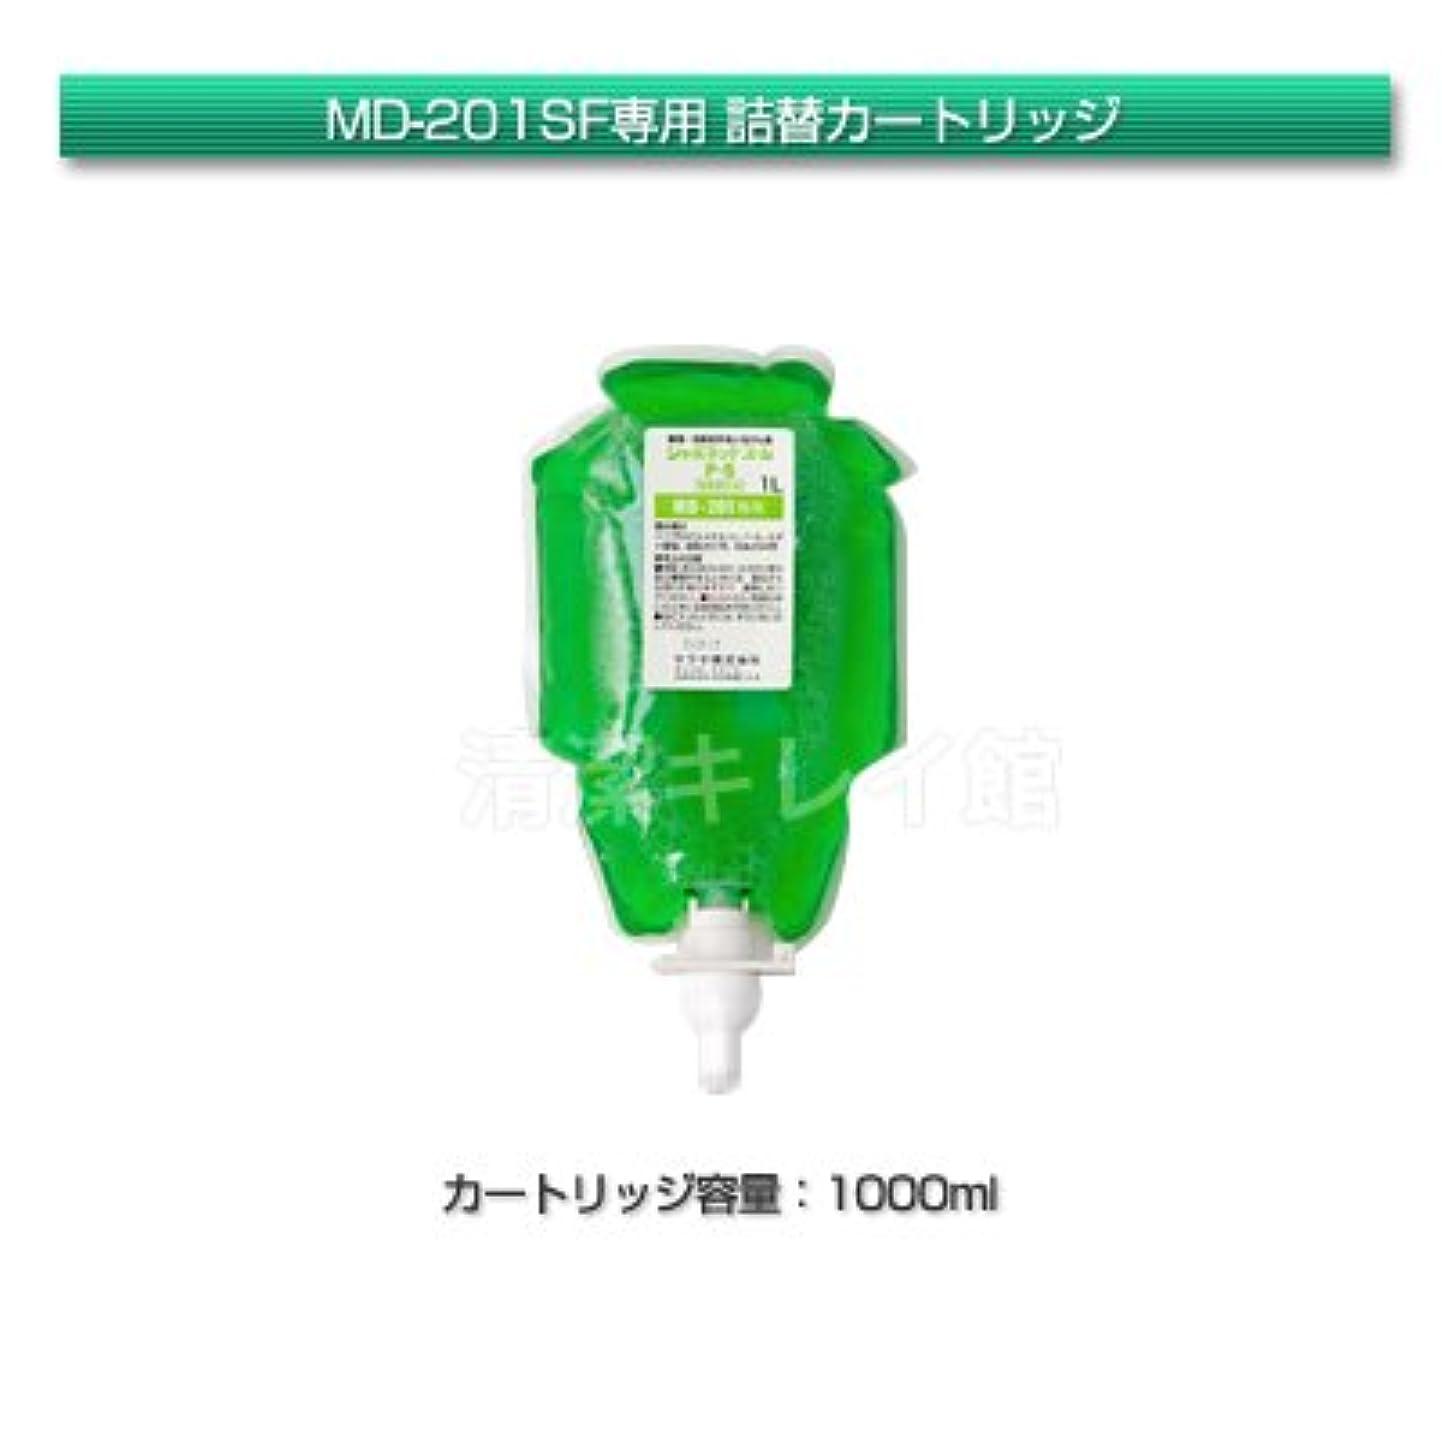 けがをする二十不均一サラヤ プッシュ式石鹸液 MD-201SF(泡)専用カートリッジ(ユムP-5)1000ml【清潔キレイ館】